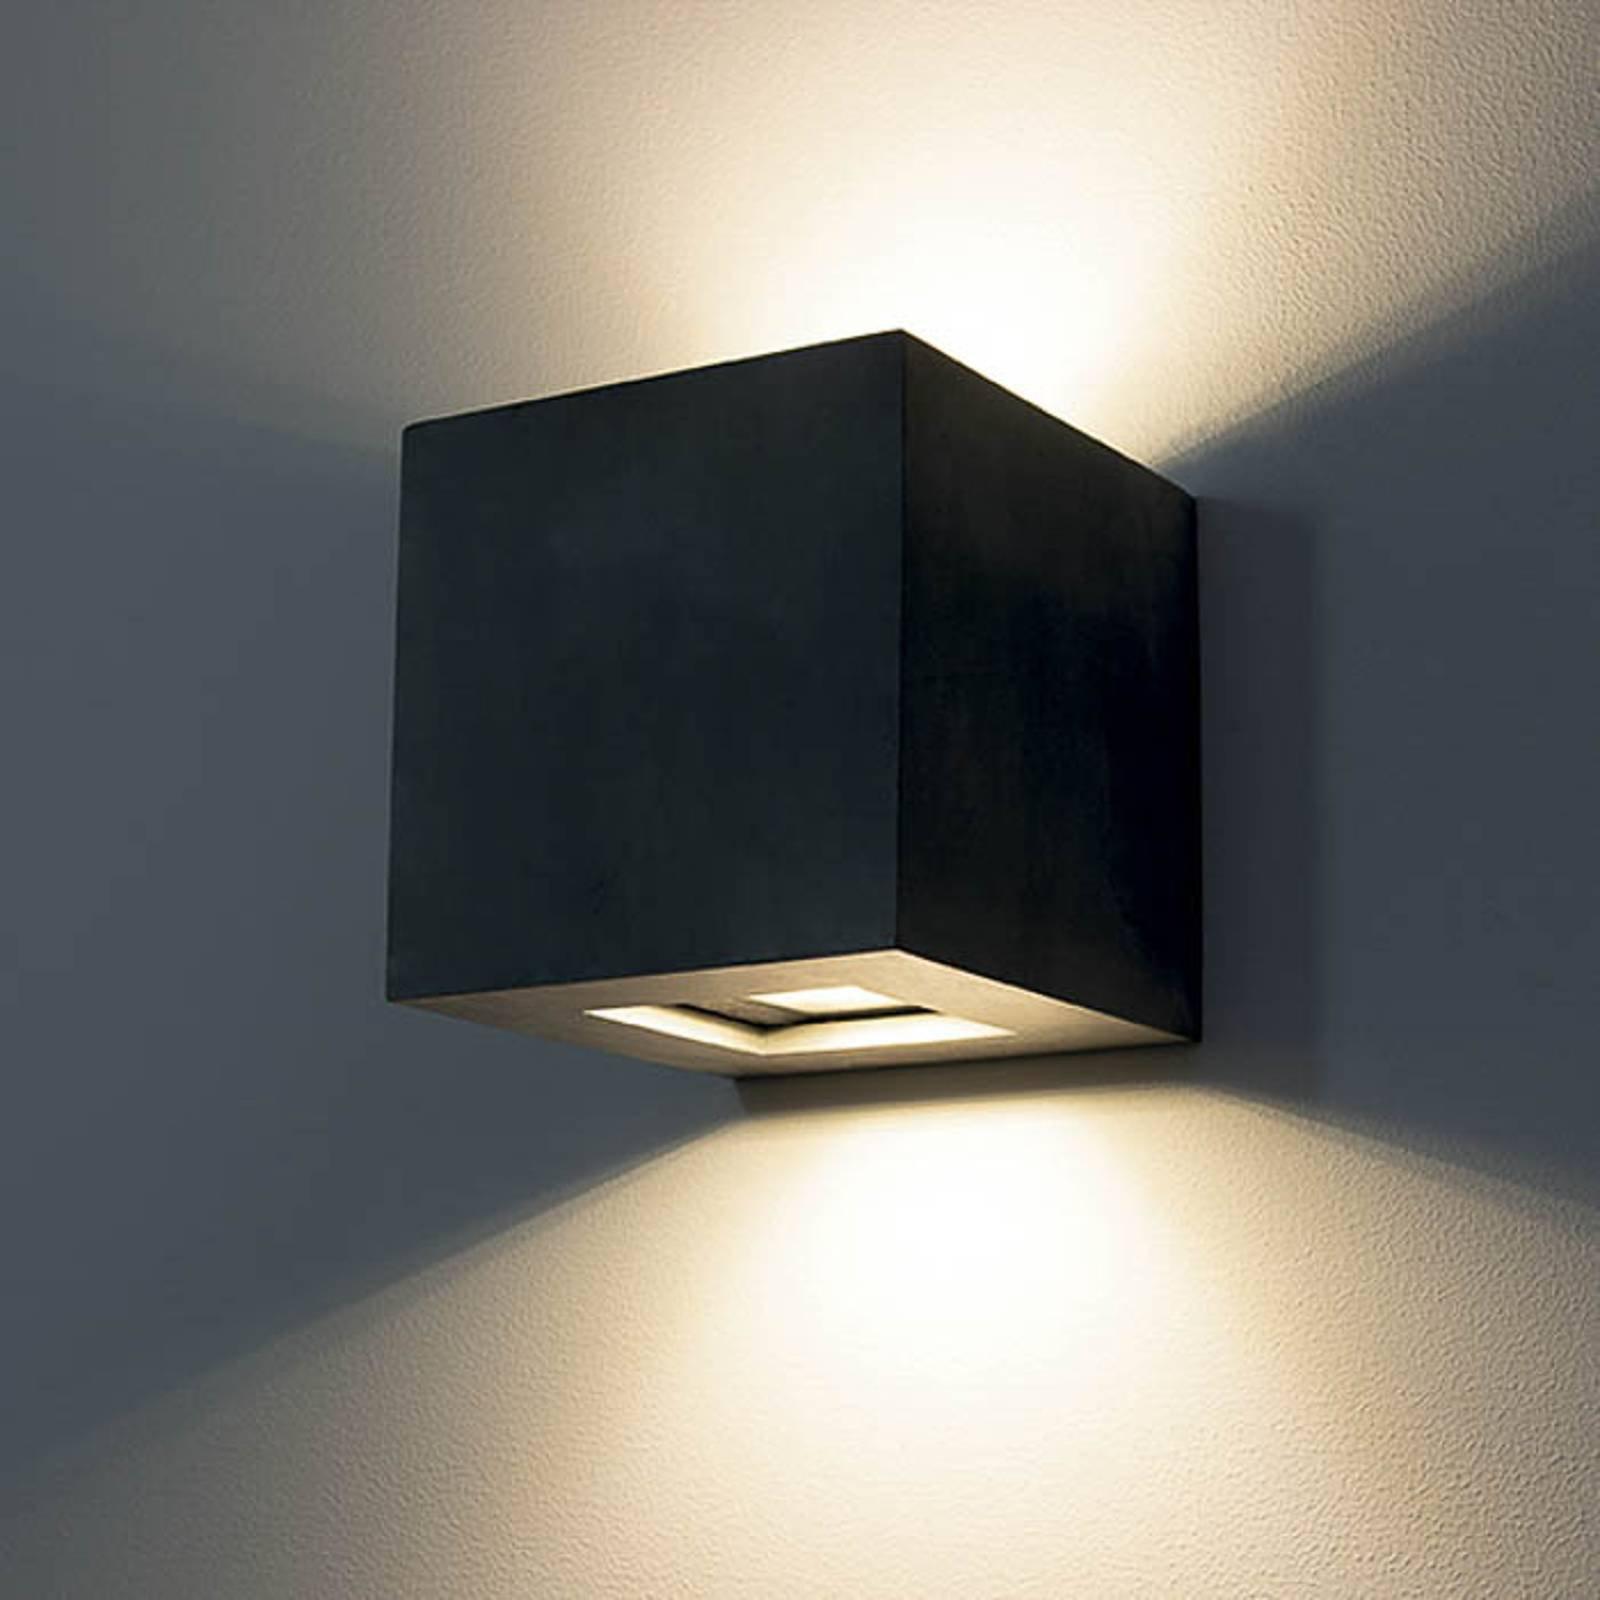 Utendørs LED-vegglampe 1092 up & down, svart